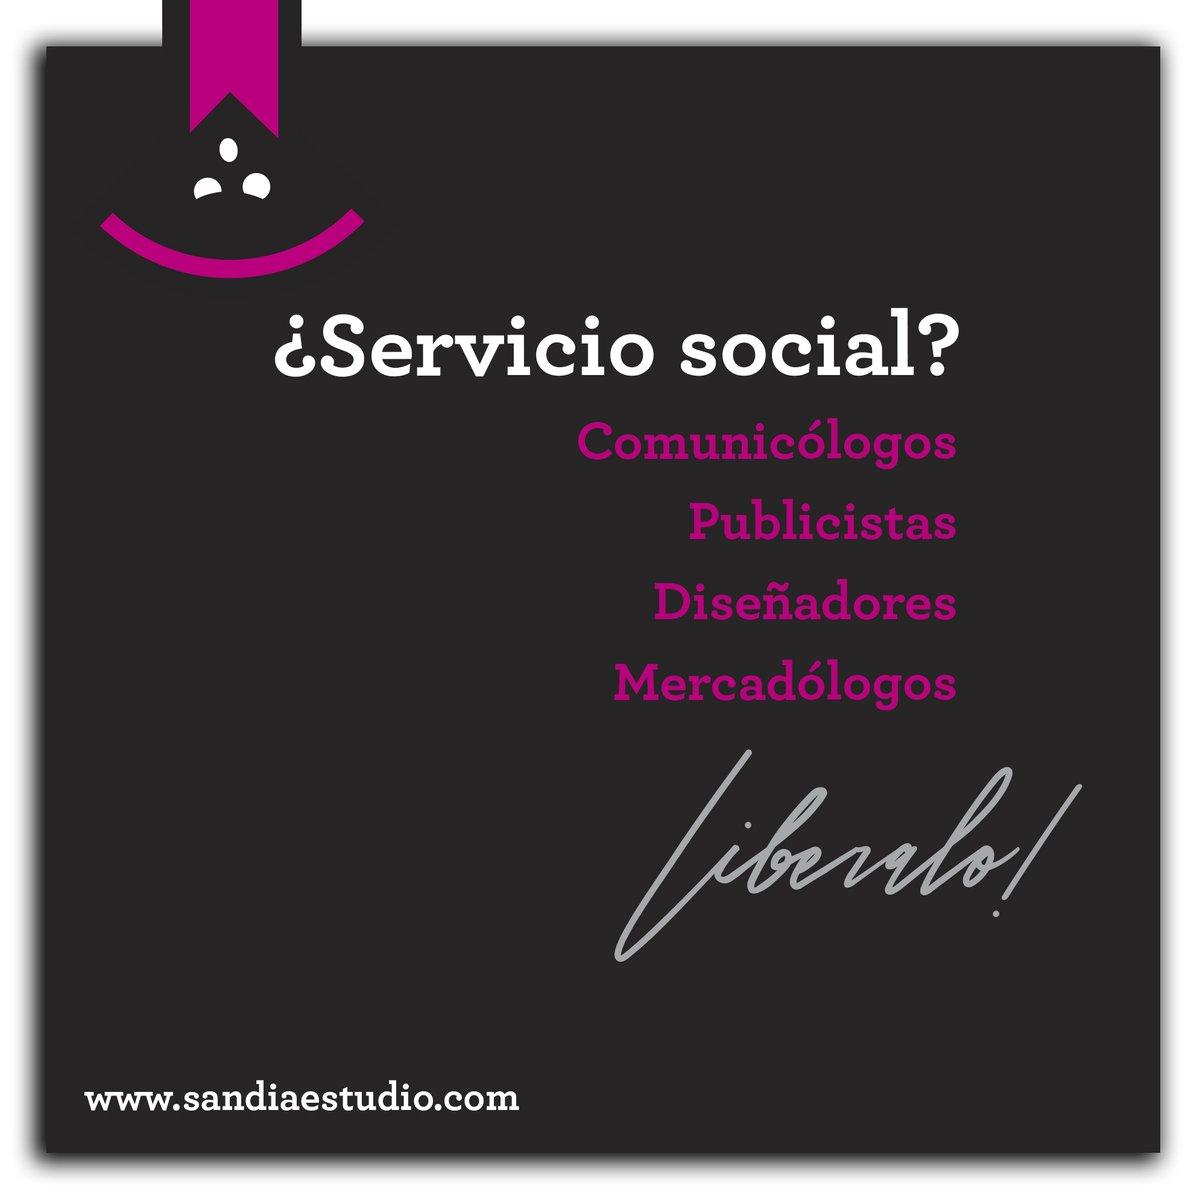 ⚠ Únete a nuestro equipo de trabajo y realiza tu #ServicioSocial con nosotros.  #CDMX #MktgAgency  ✉info@sandiaestudio.com ☎ 55 8435 4093 https://t.co/wqNqHzxMLB